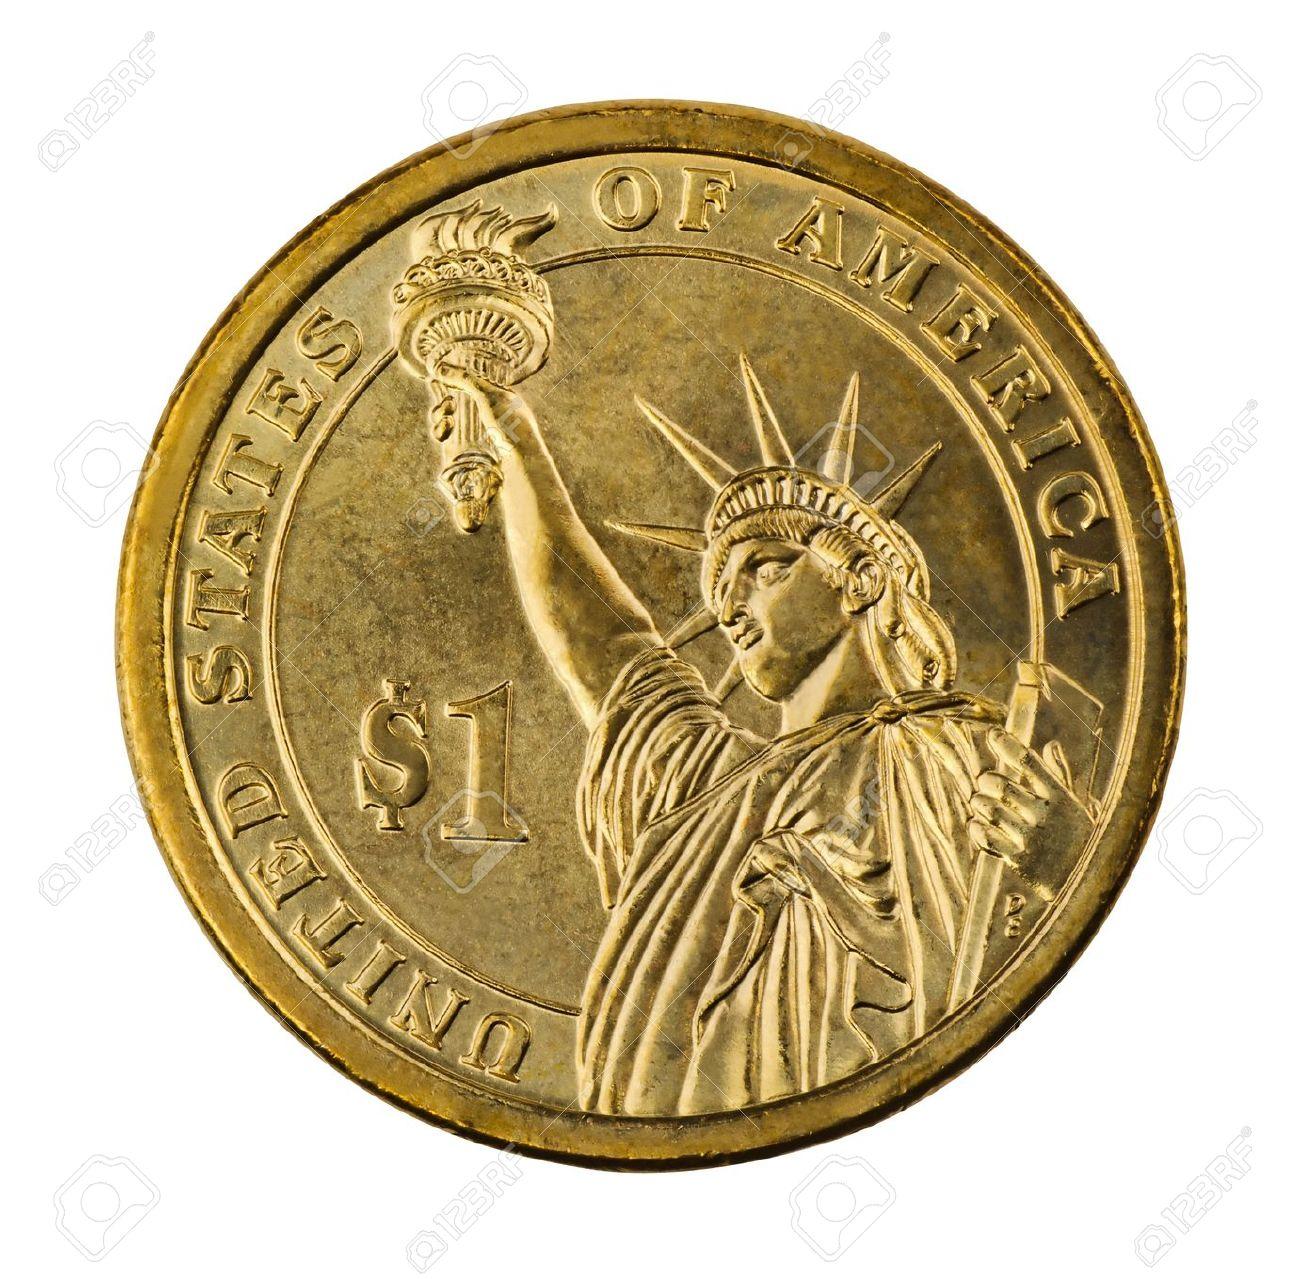 Golden One Dollar Münze Isoliert Auf Weiß Lizenzfreie Fotos Bilder